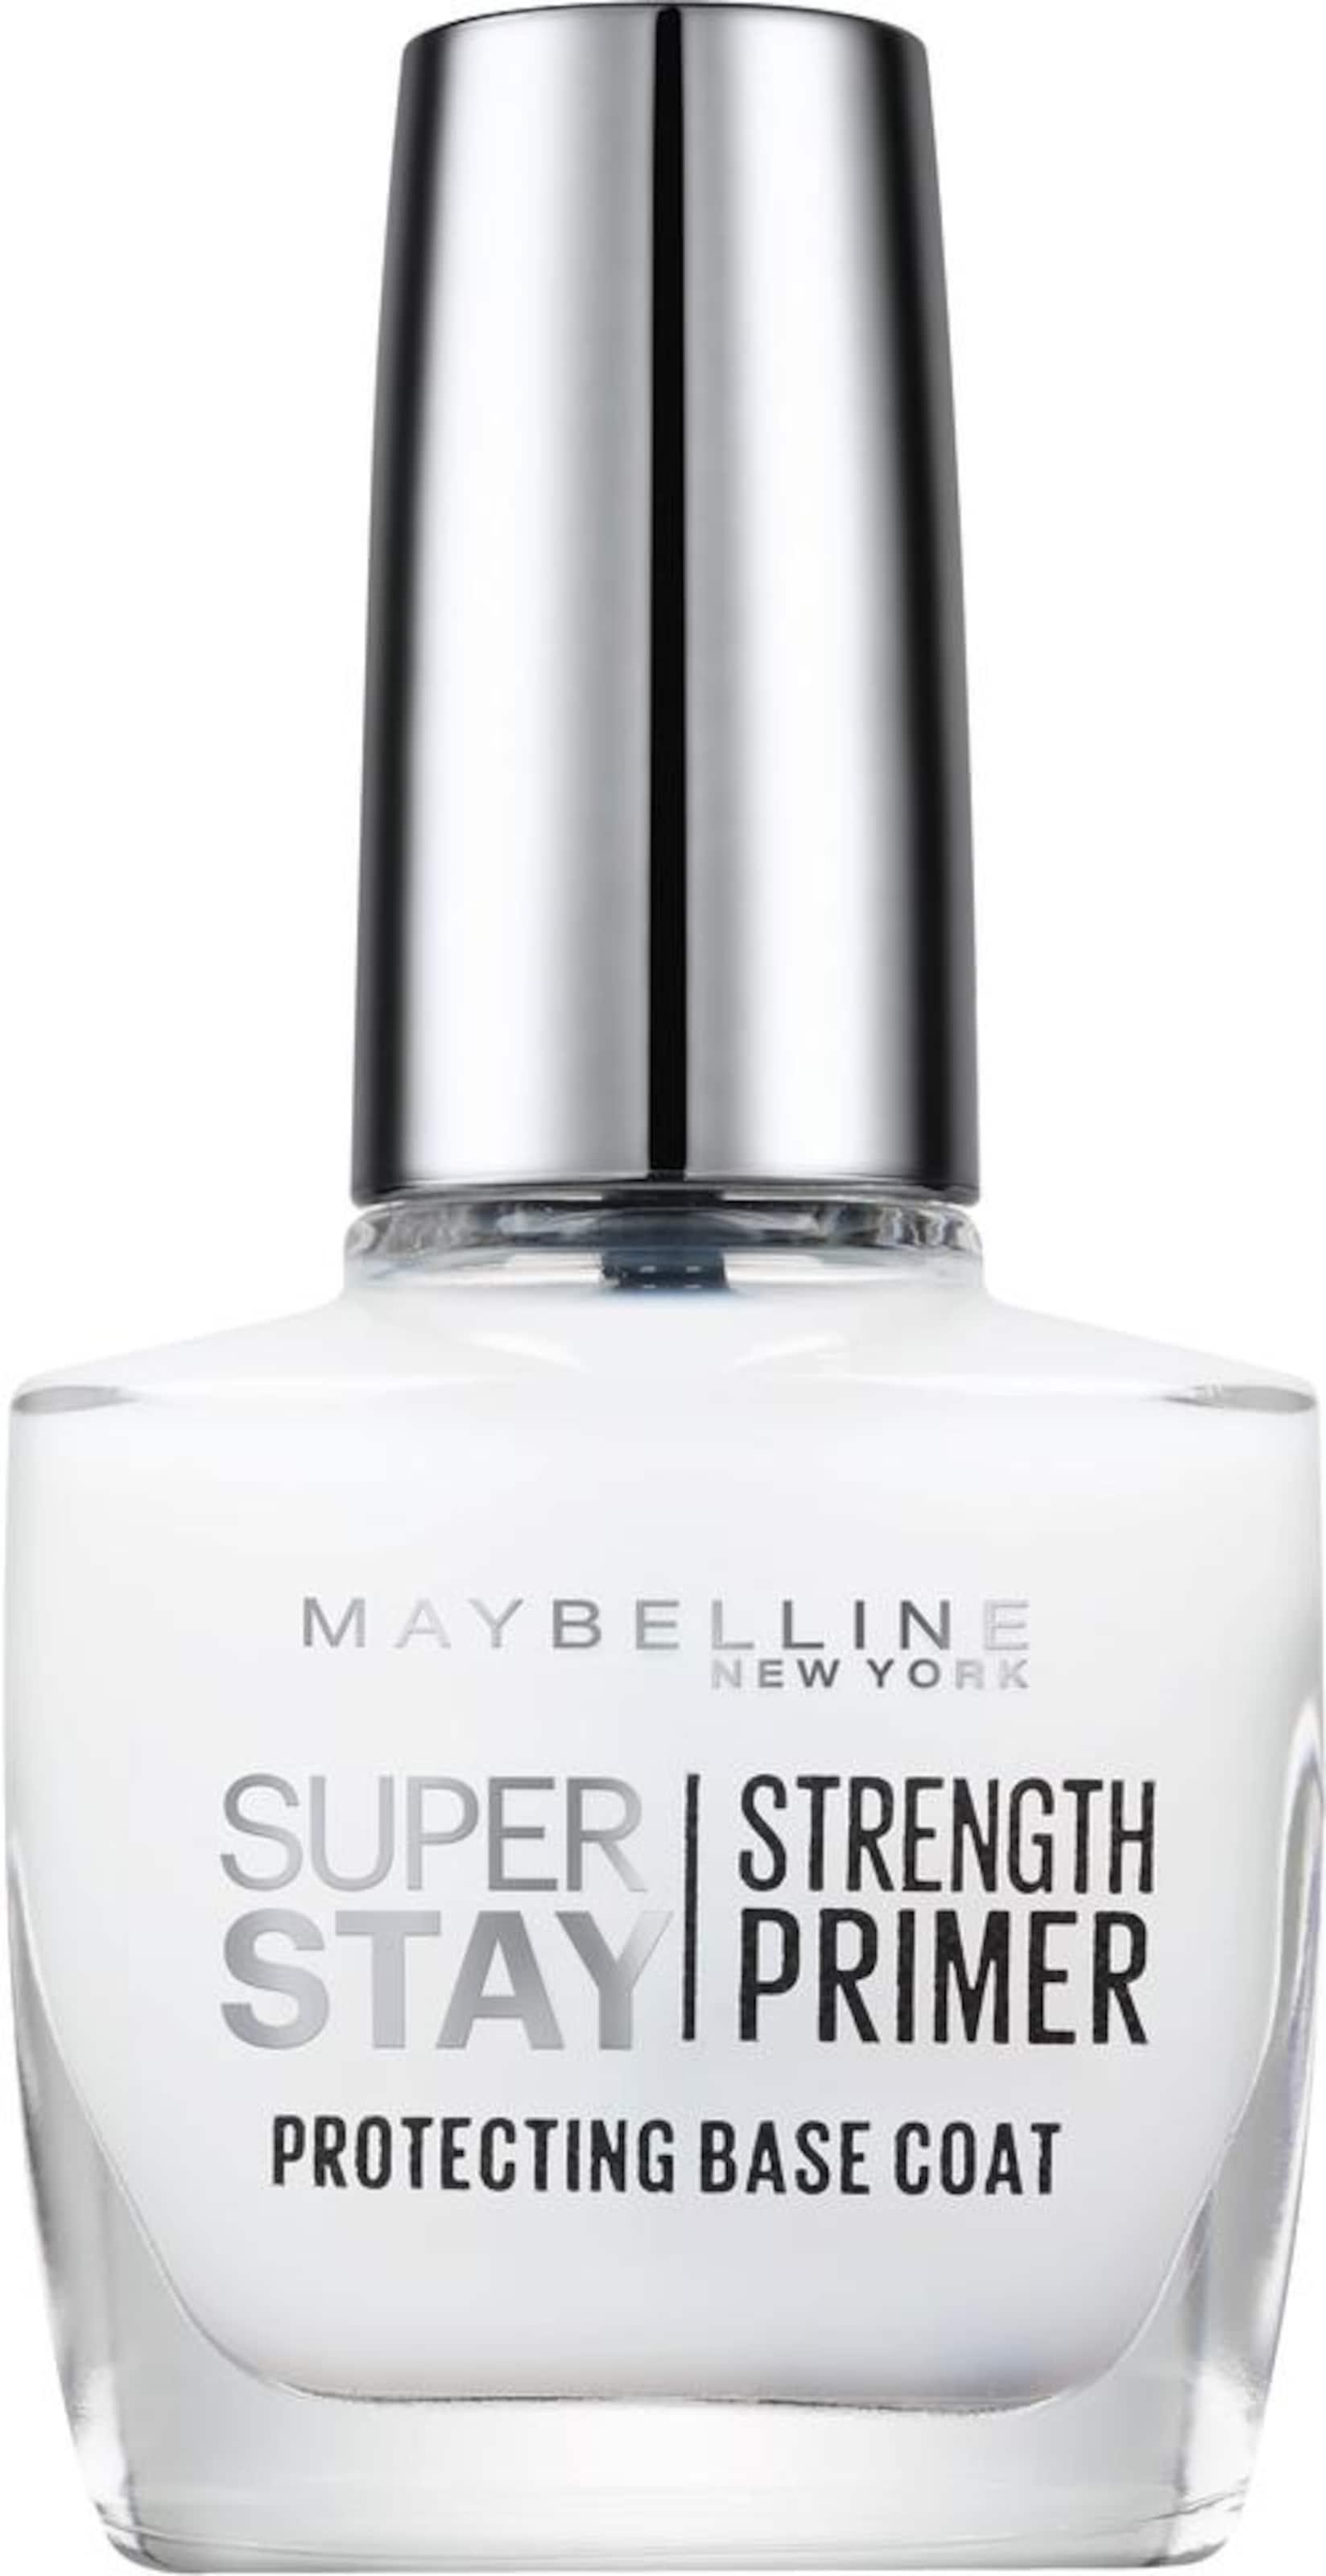 MAYBELLINE New York 'Superstay Nagelpflege Strength Primer Base Coat NU 02', Nagelpflege